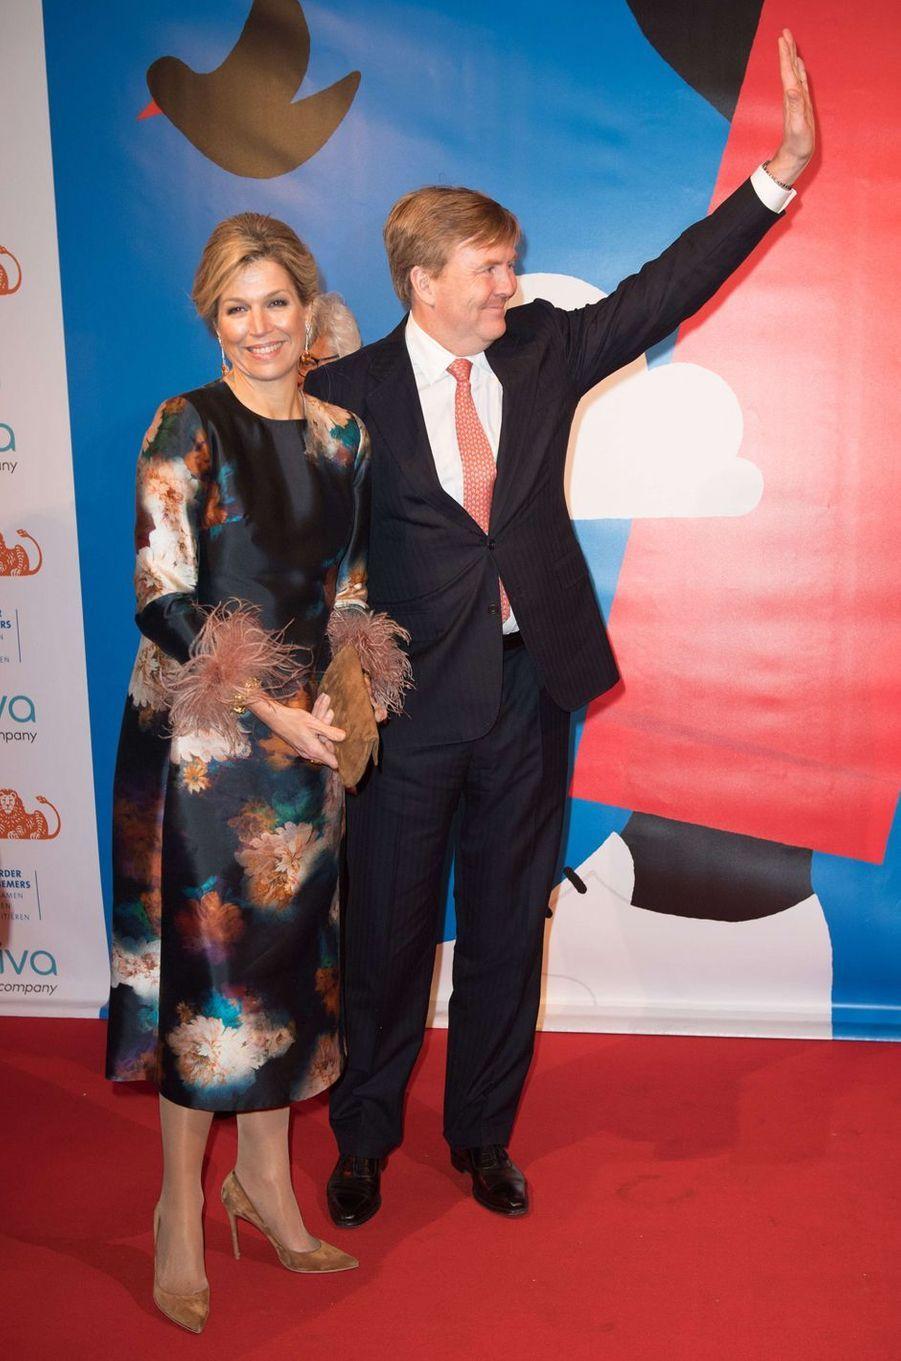 La reine Maxima des Pays-Bas dans une robe agrémentée de plumes le 29 janvier 2018